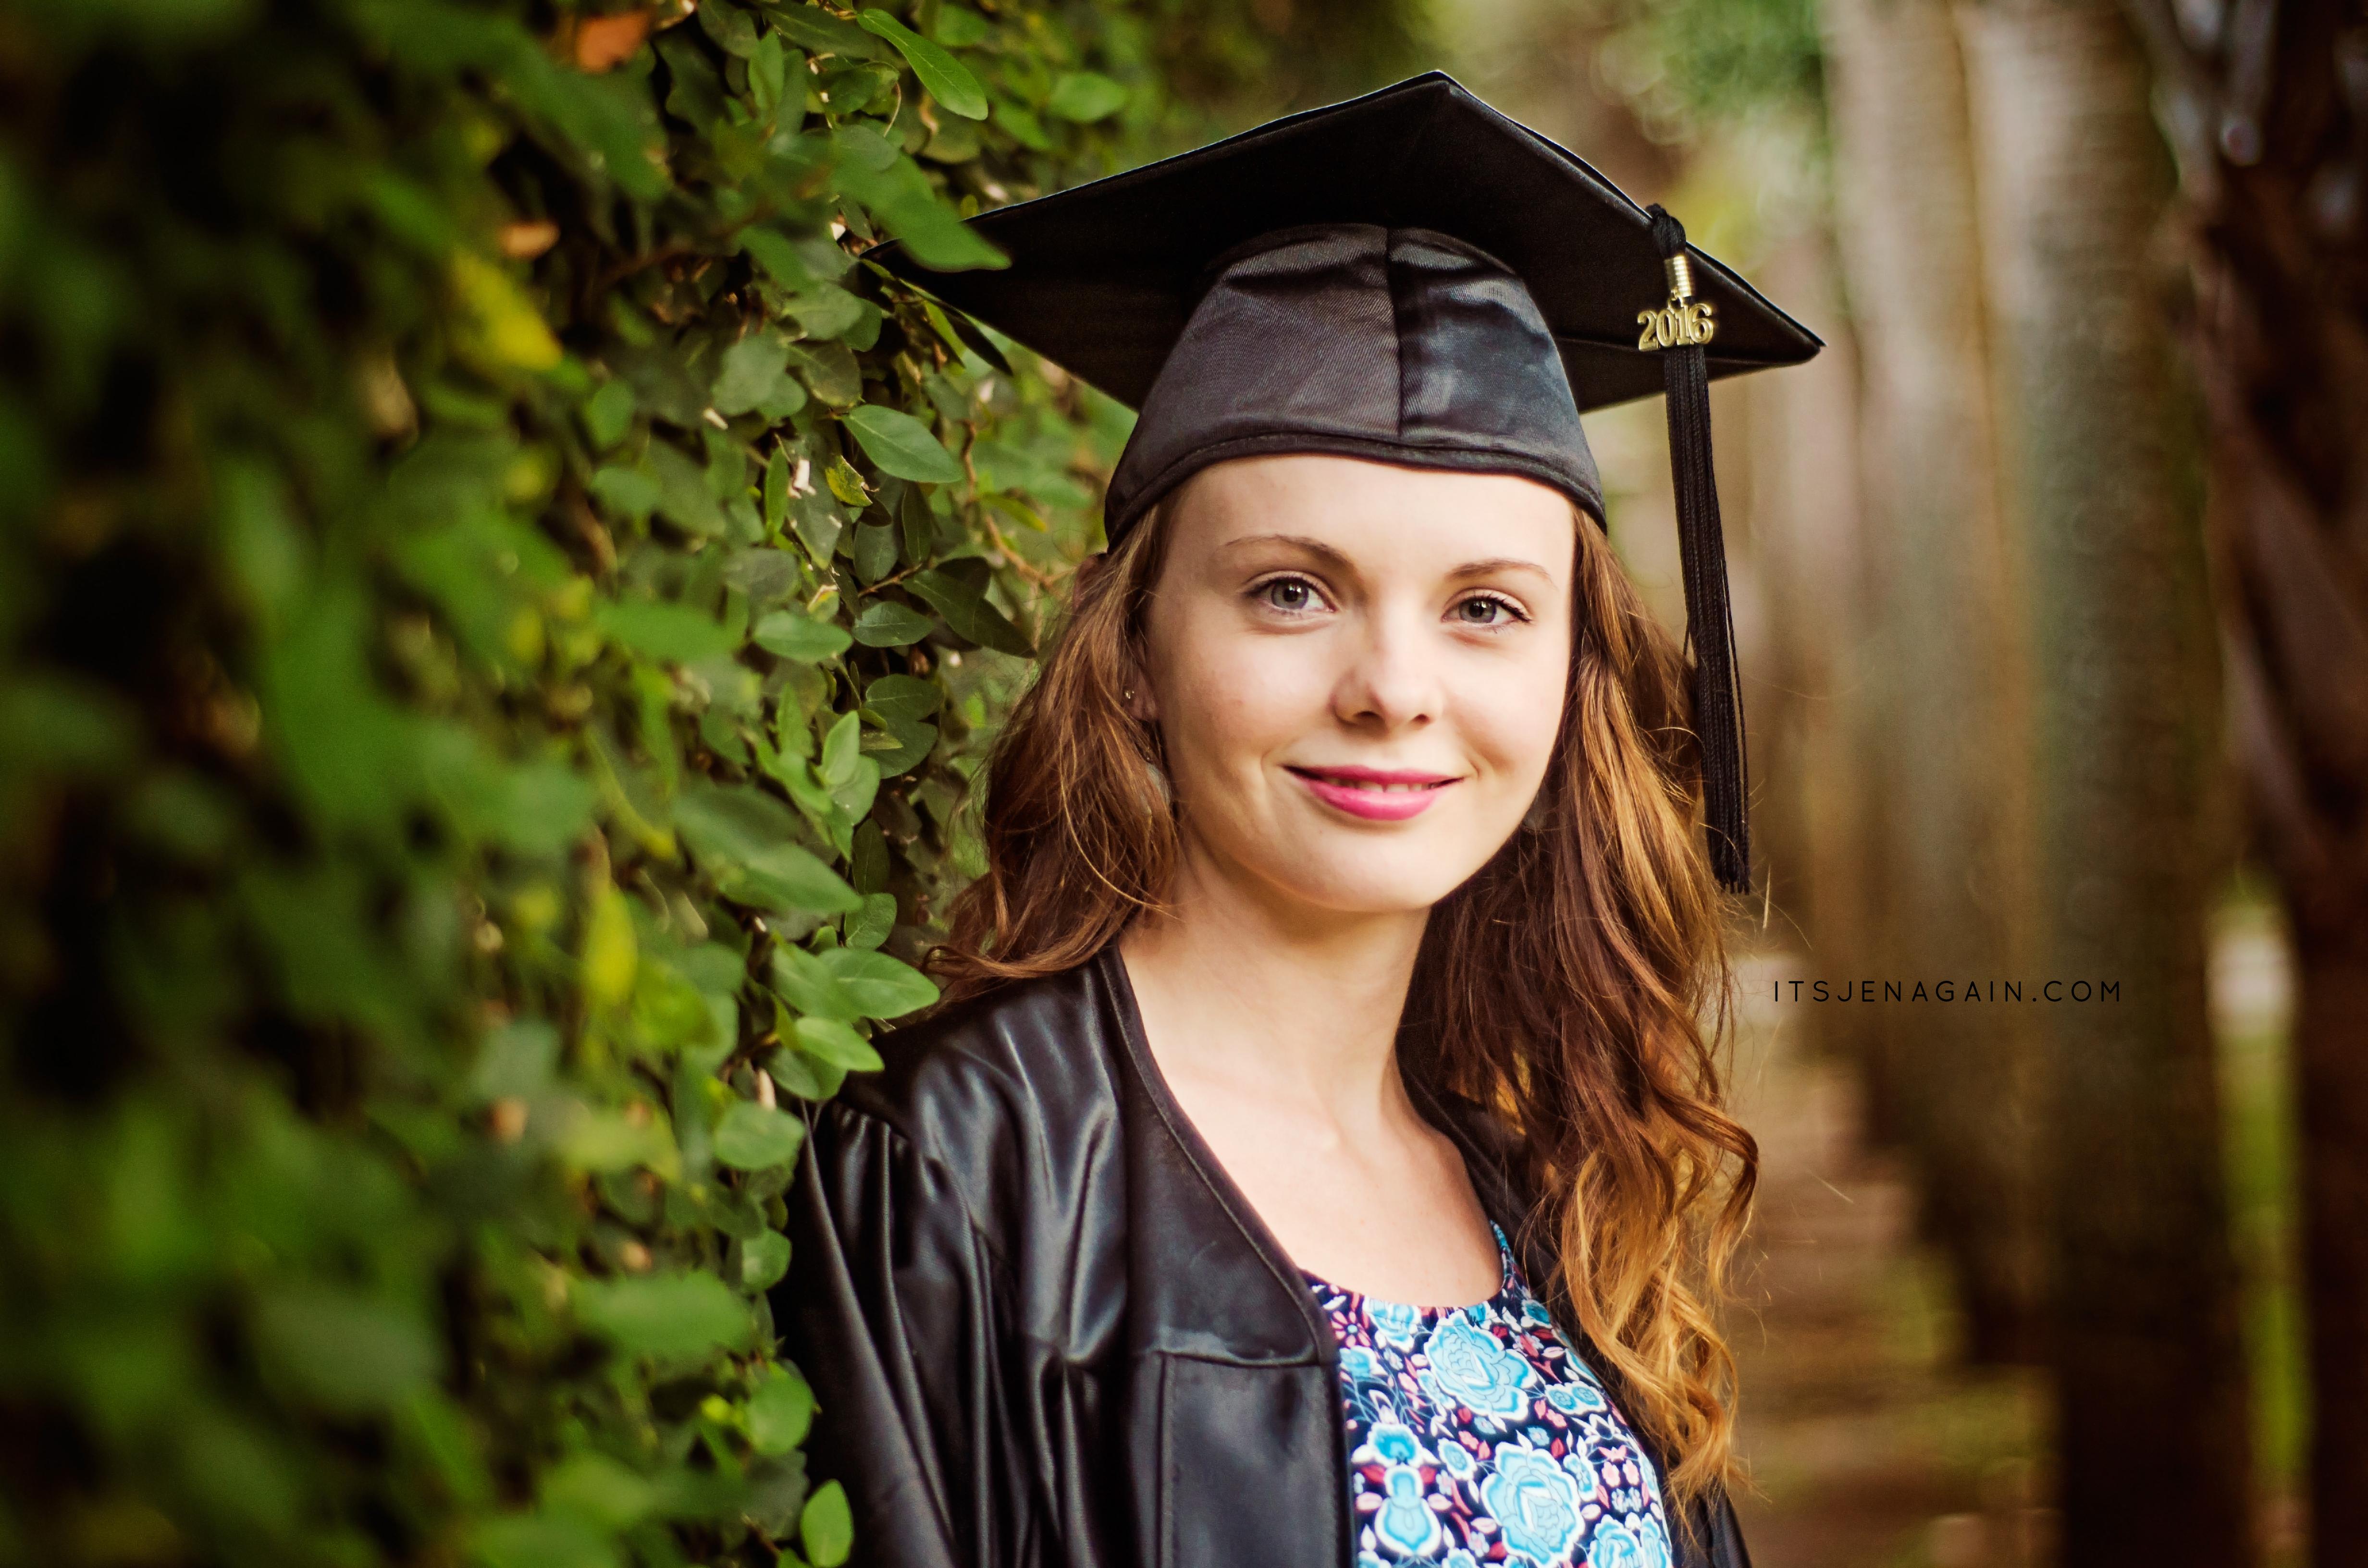 Myrtle Beach Graduation Photos